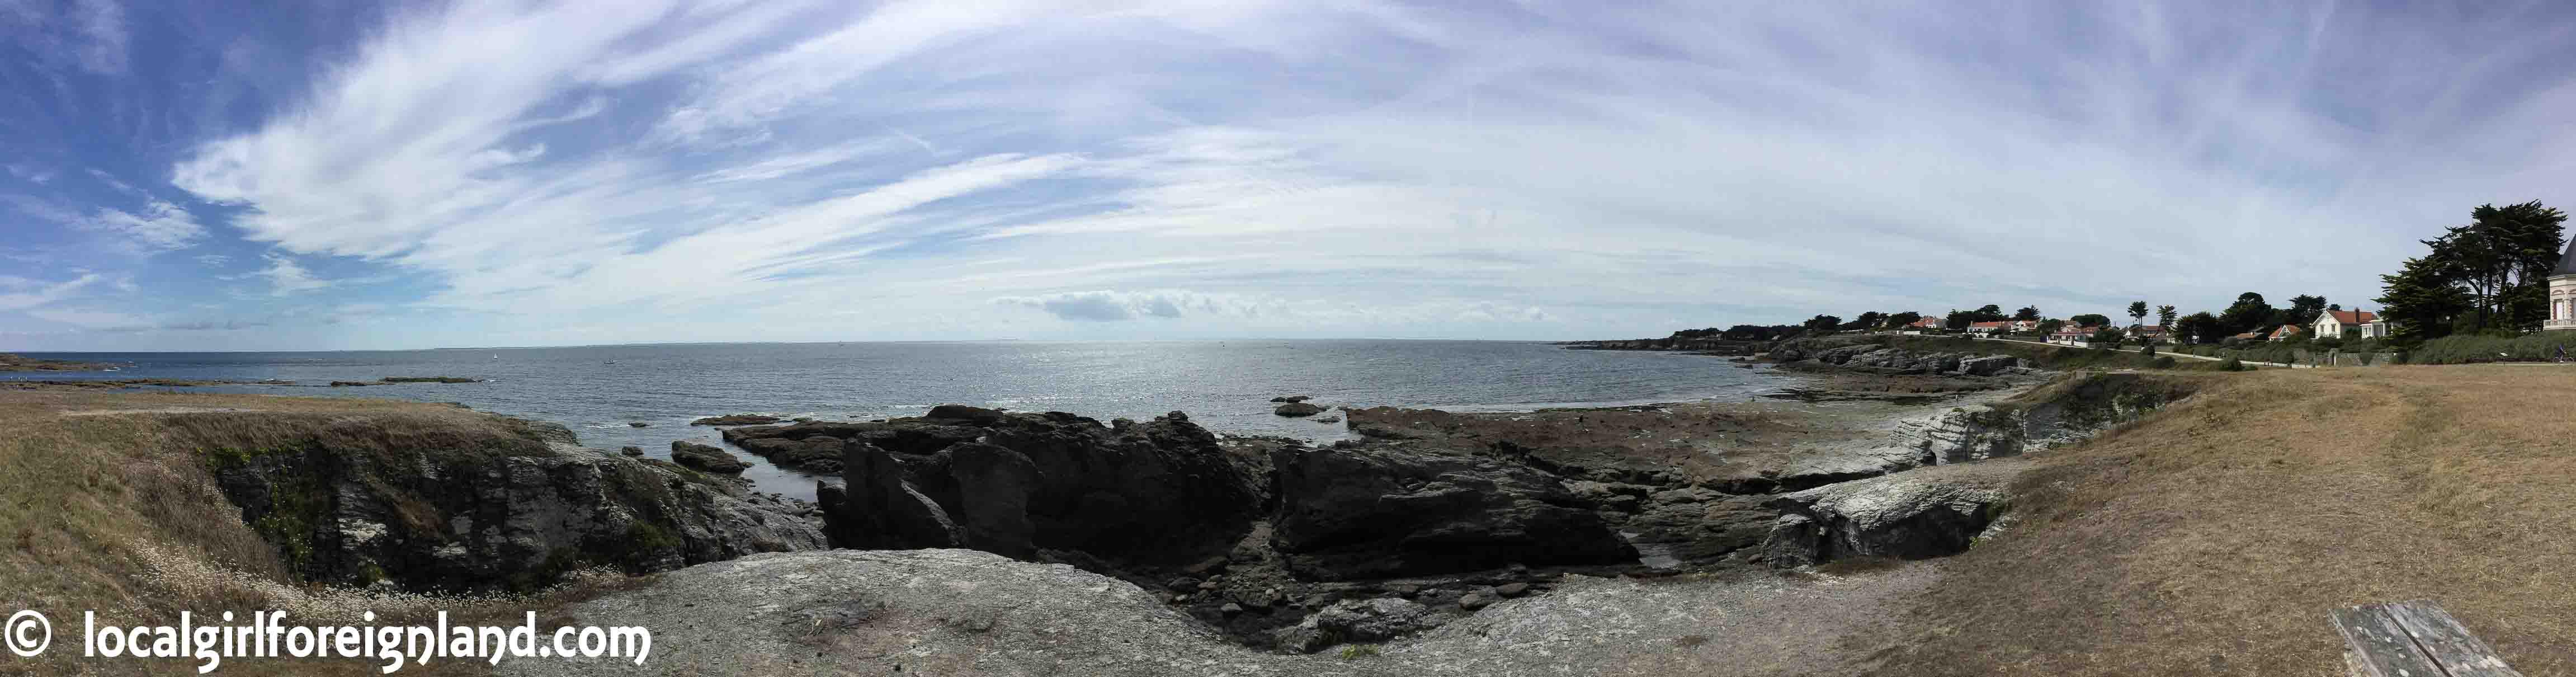 coast-préfailles-france-.JPG